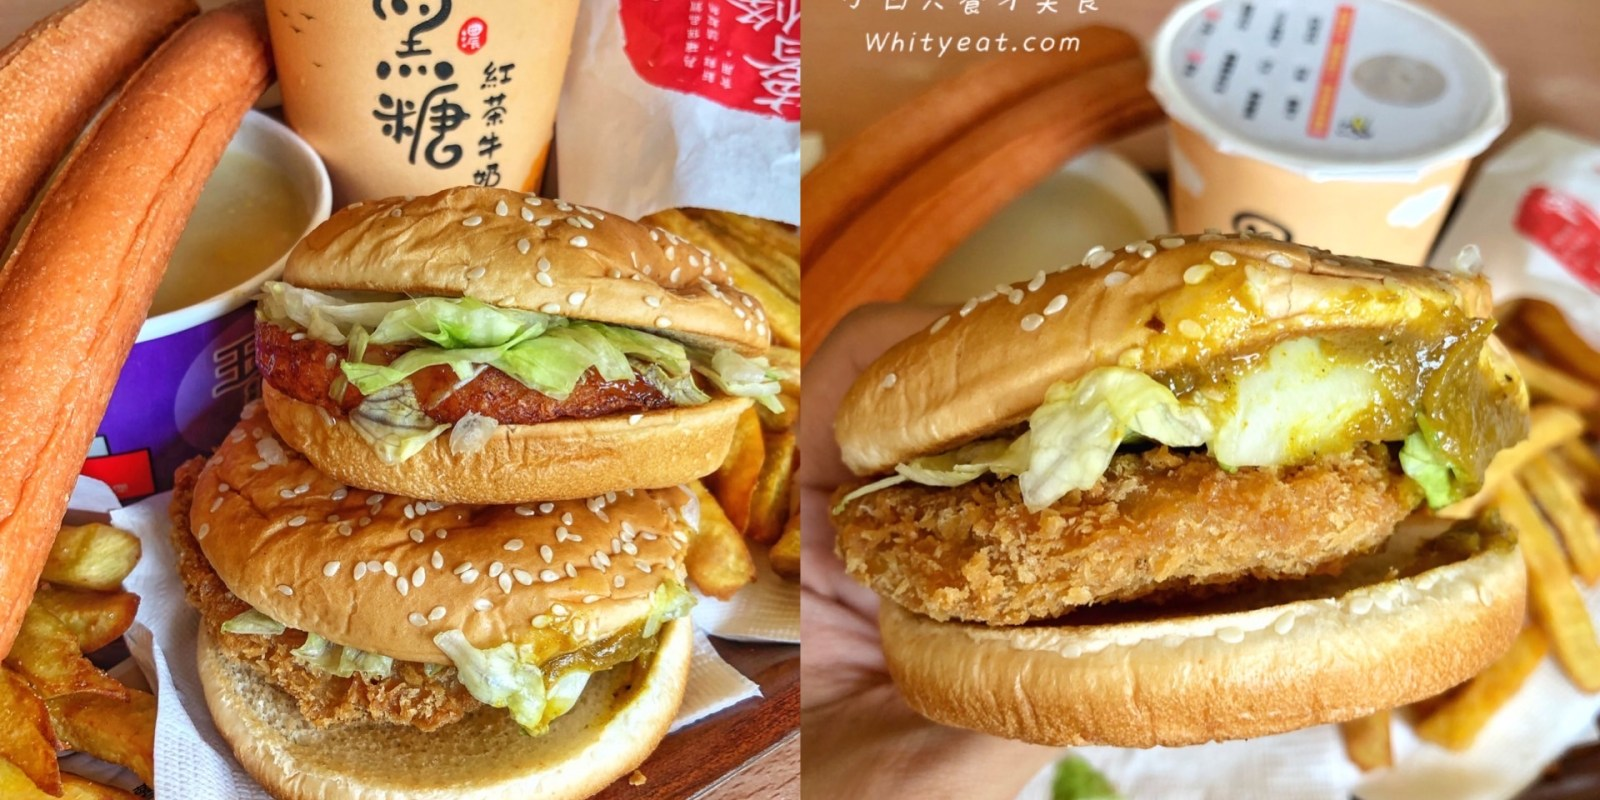 【丹丹漢堡】新推出「來嗑飽專薯套餐4件組」限時特價99元起就能吃到!還有新品黑糖紅茶牛奶 內文附2020新菜單及優惠